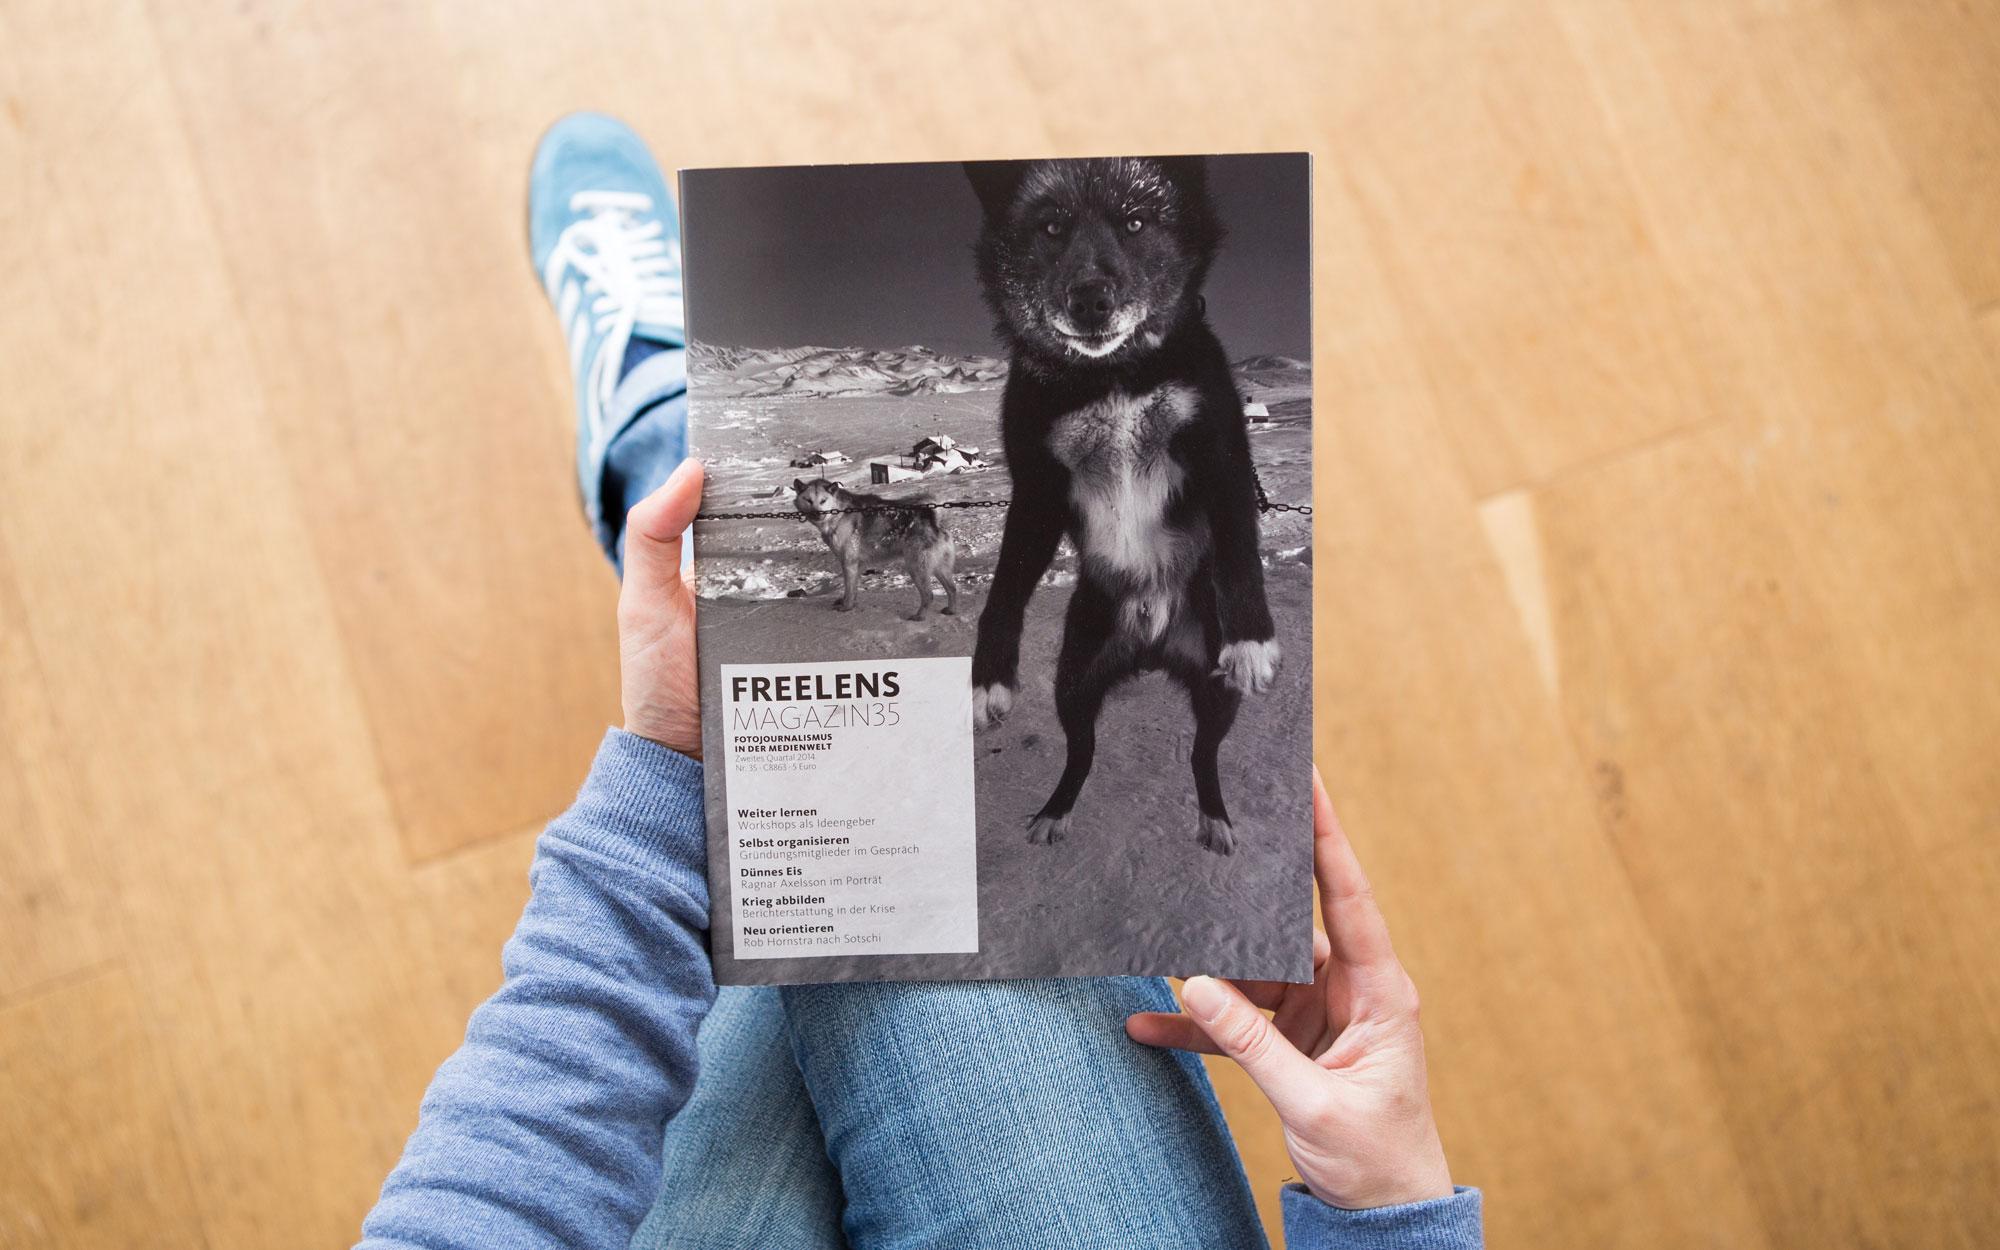 Bei einem Aufenthalt auf den Faröer Inseln entstand das Titelbild von Ragnar Axelsson. Foto: Lucas Wahl